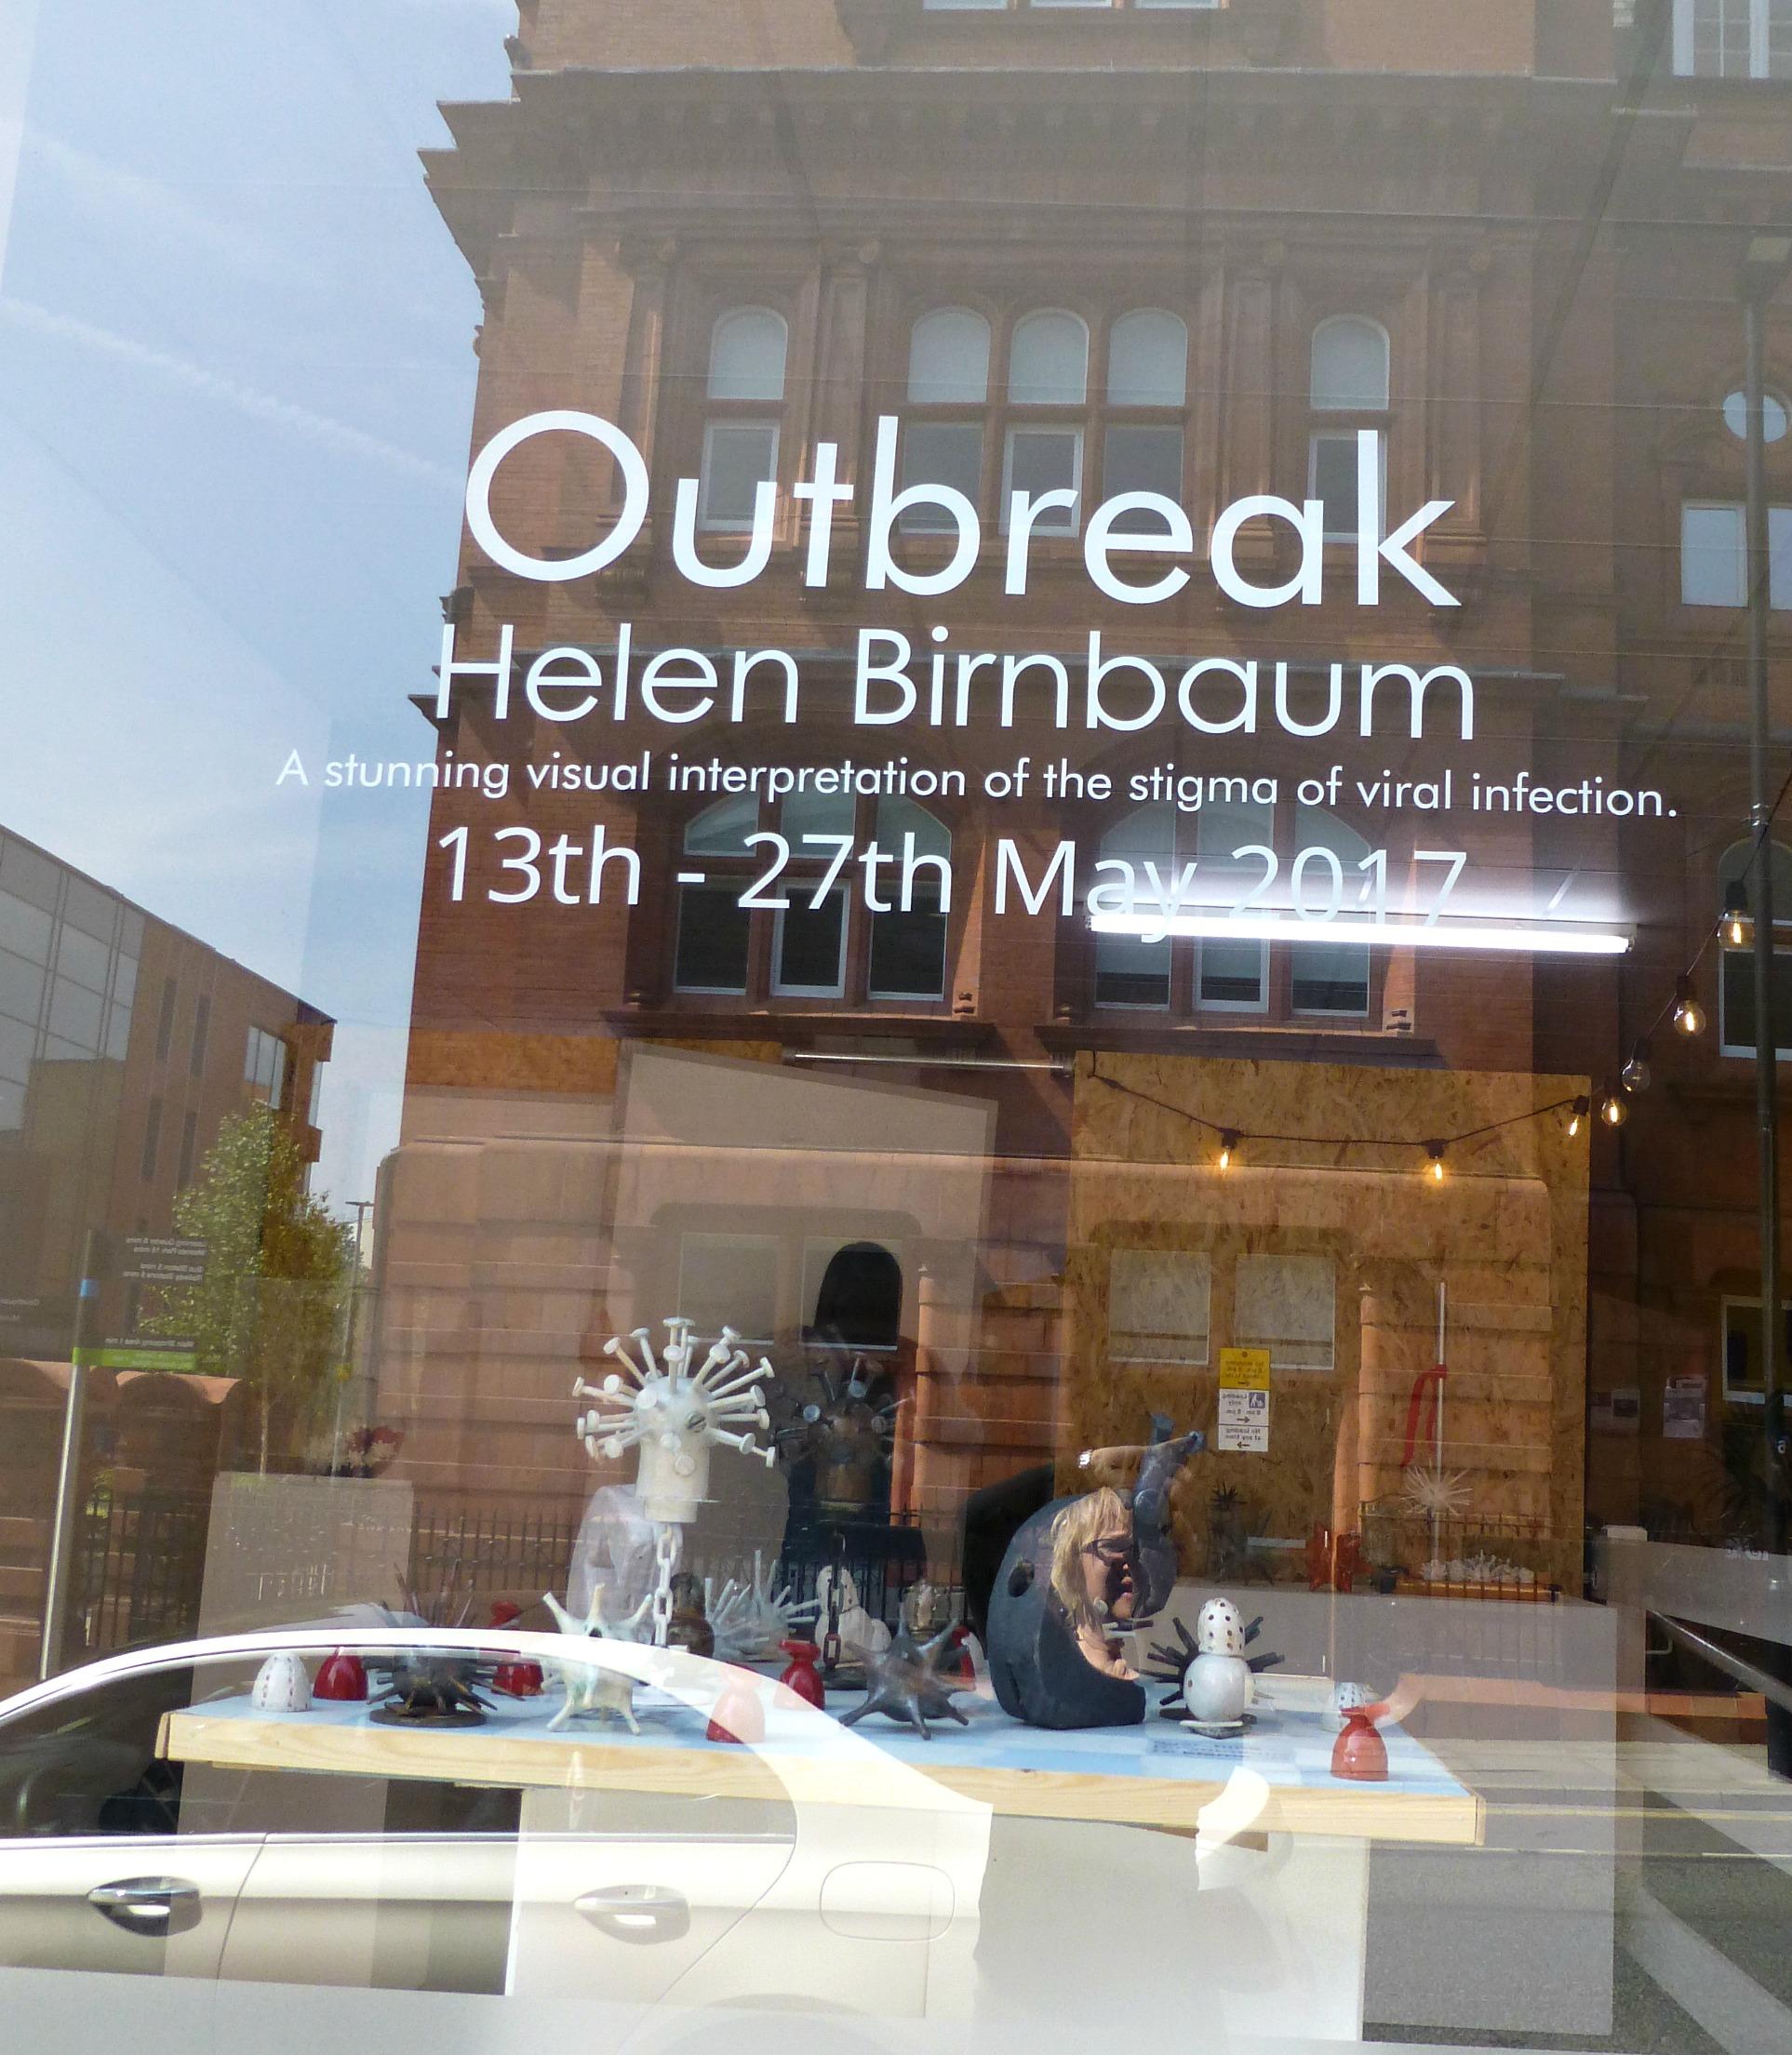 Outbreak window 2017